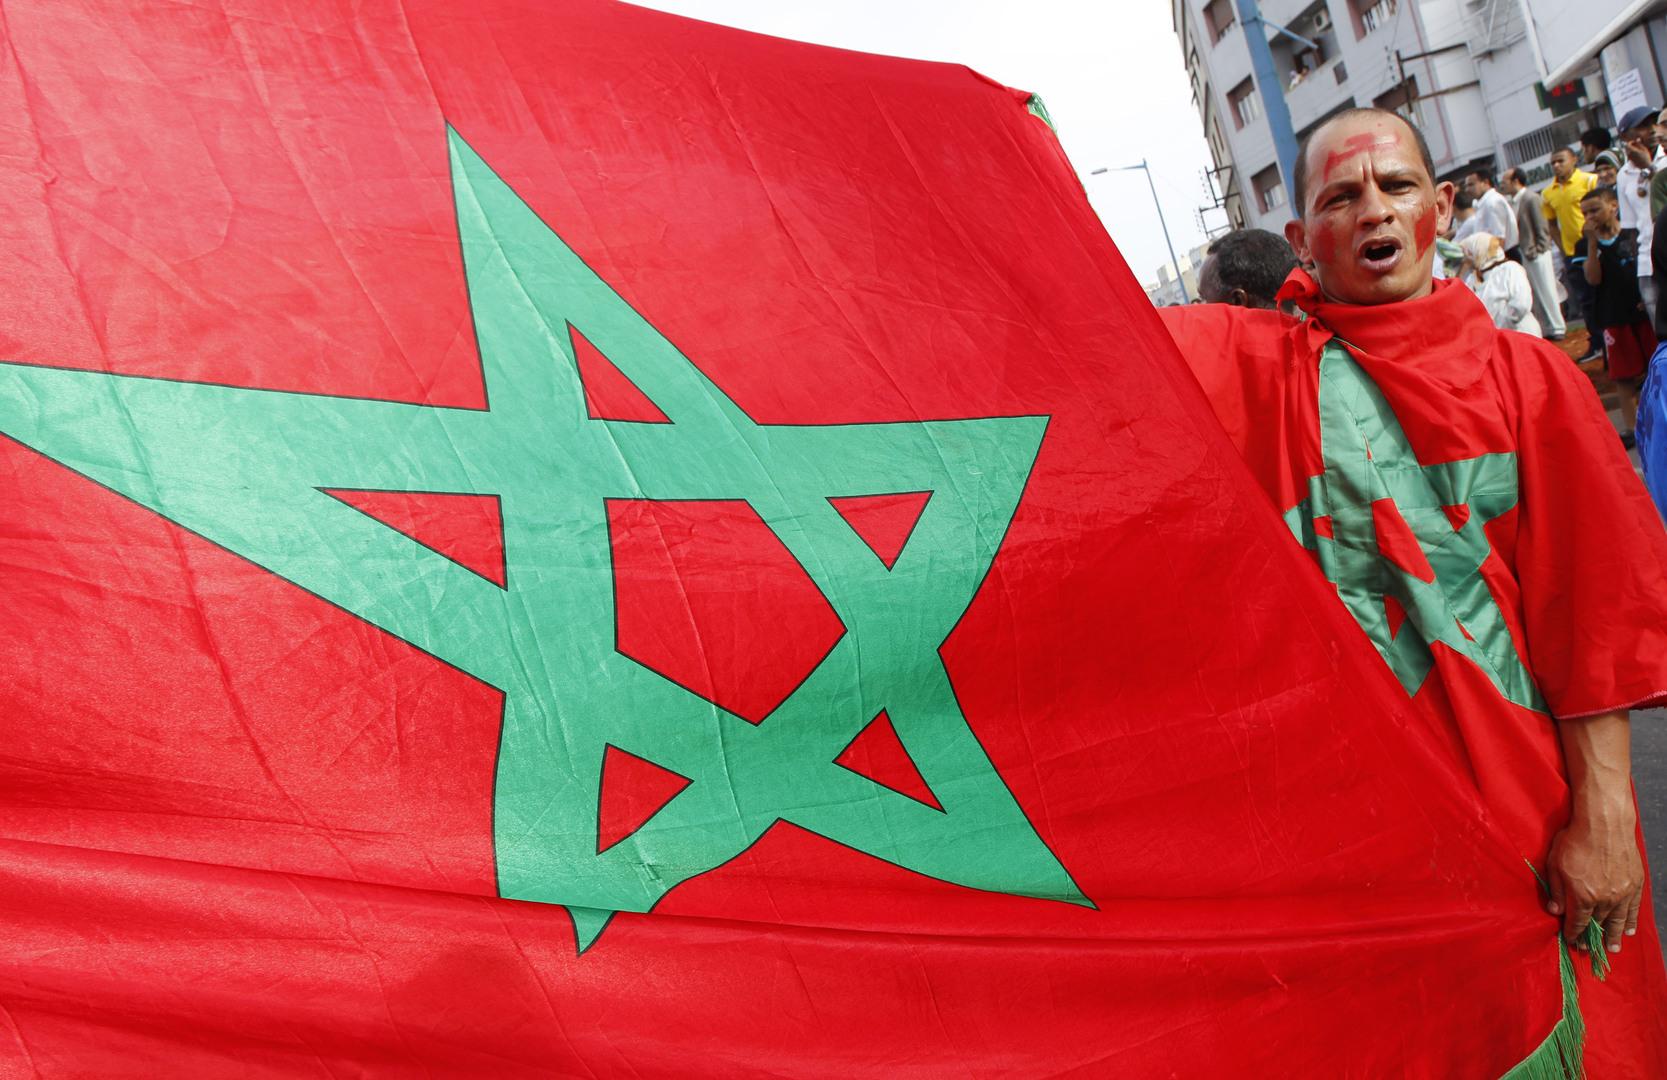 إسرائيل والمغرب توقعان اتفاقية تعاون